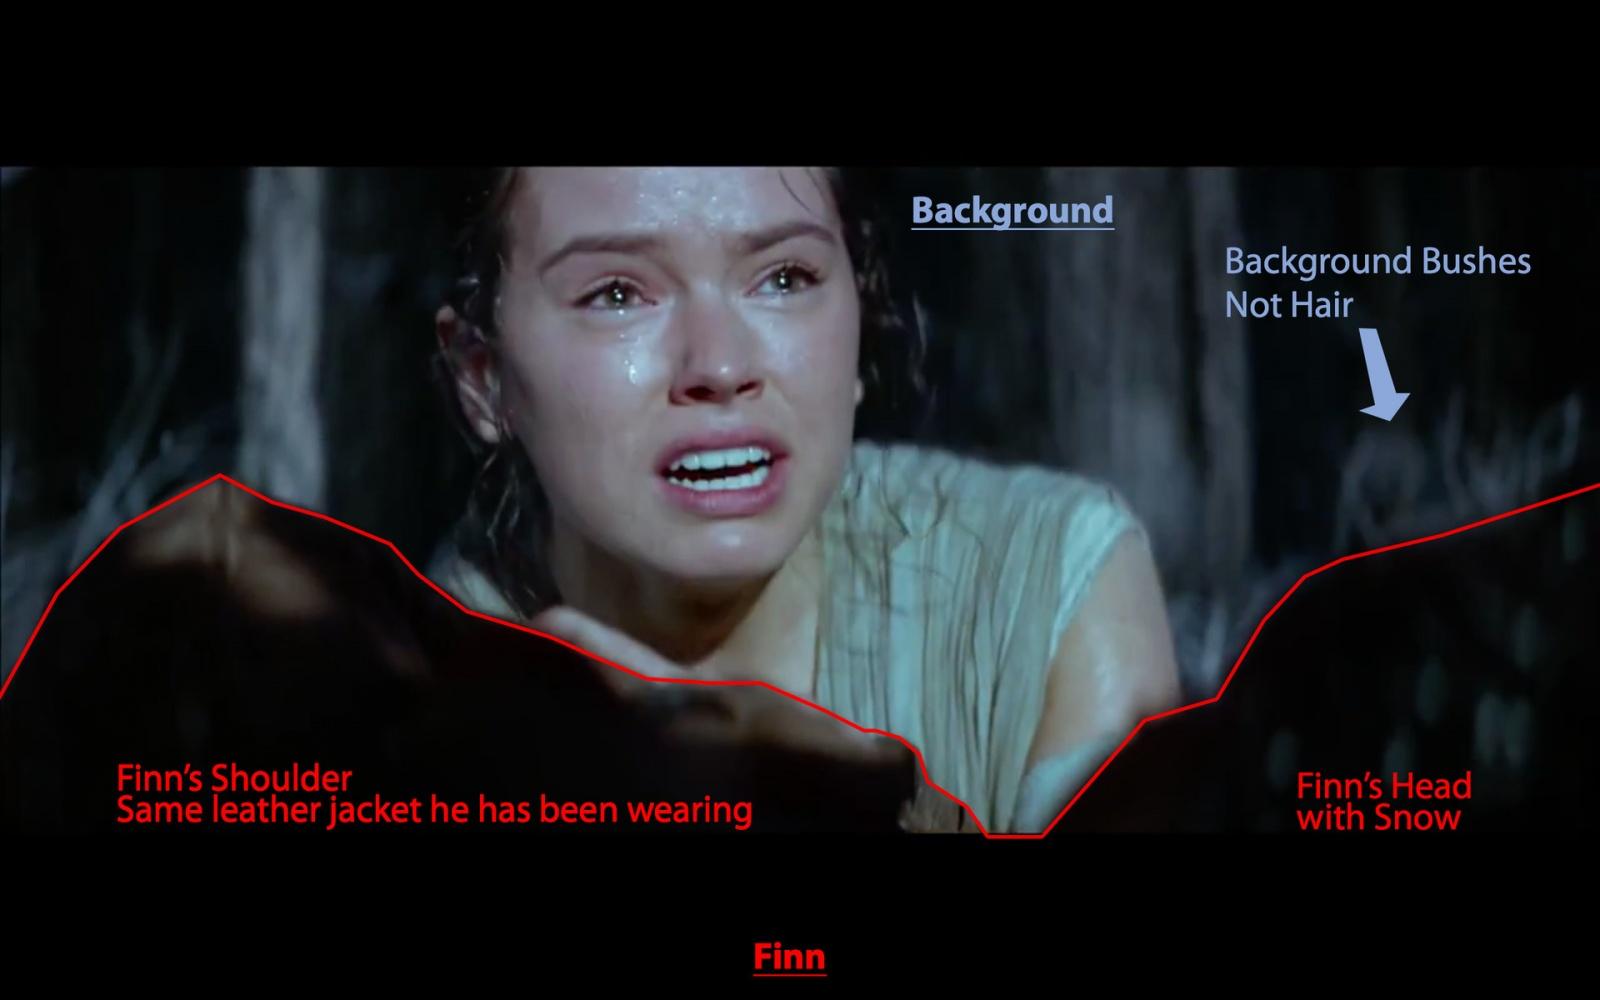 Разбор трейлера «Star Wars: Episode VII». Почему плачет Рей? (осторожно, потенциальный спойлер) - 8